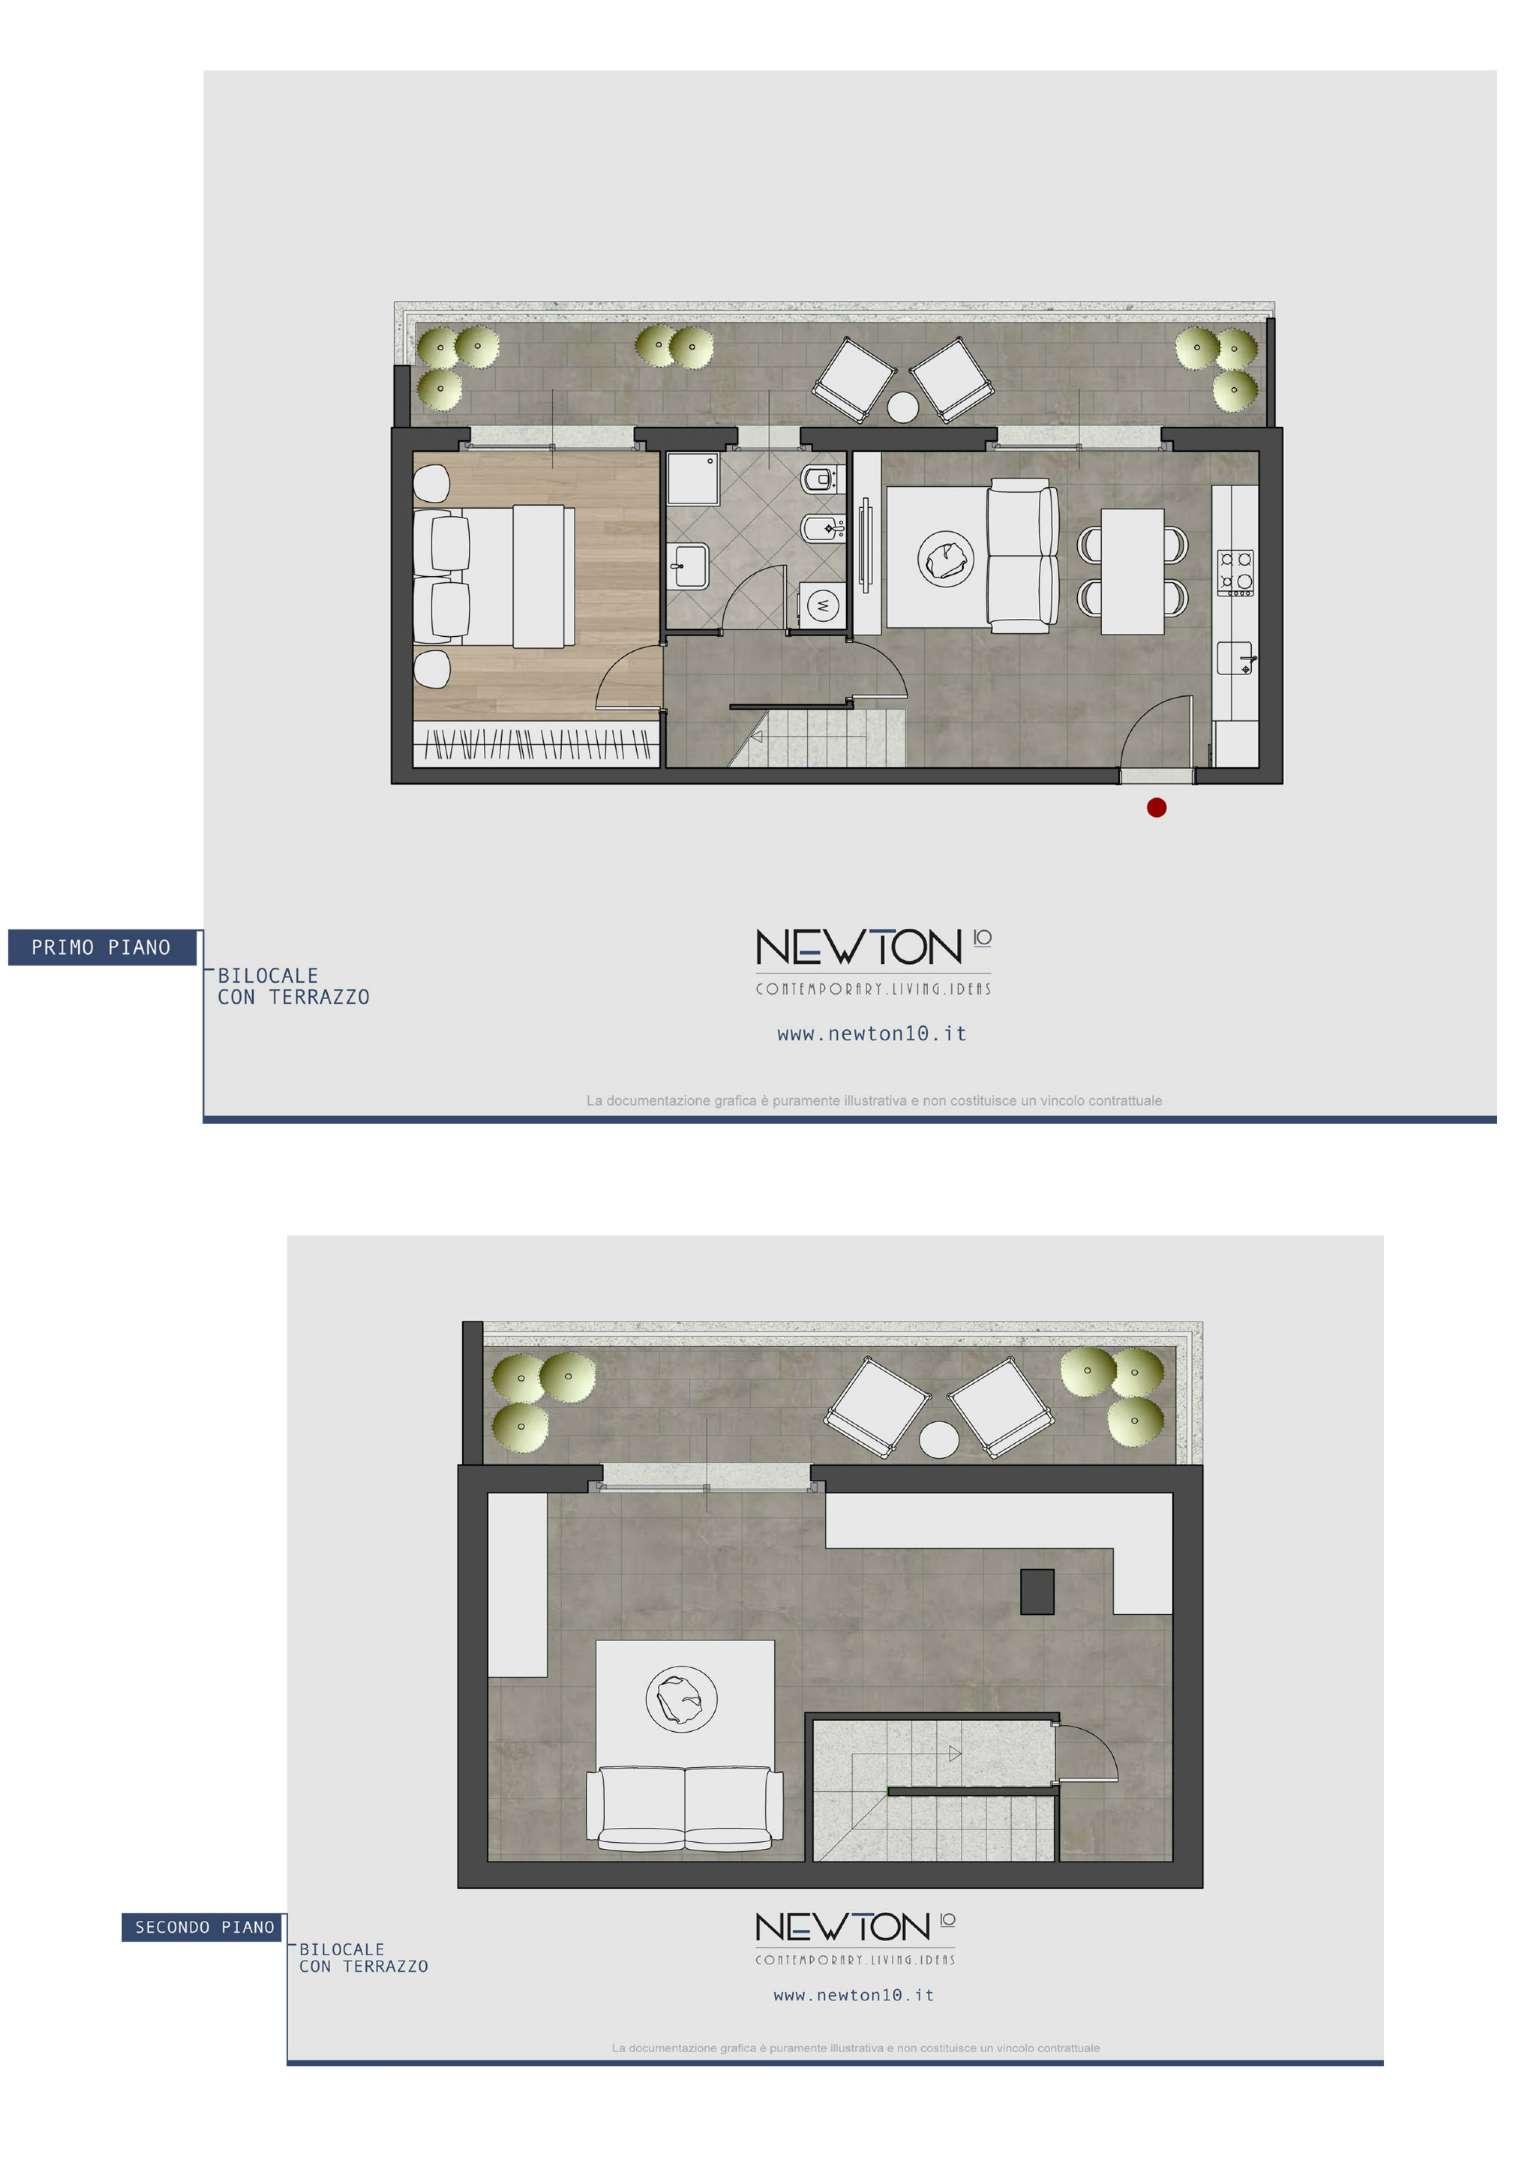 Planimetria appartamentoVia Newton 20148